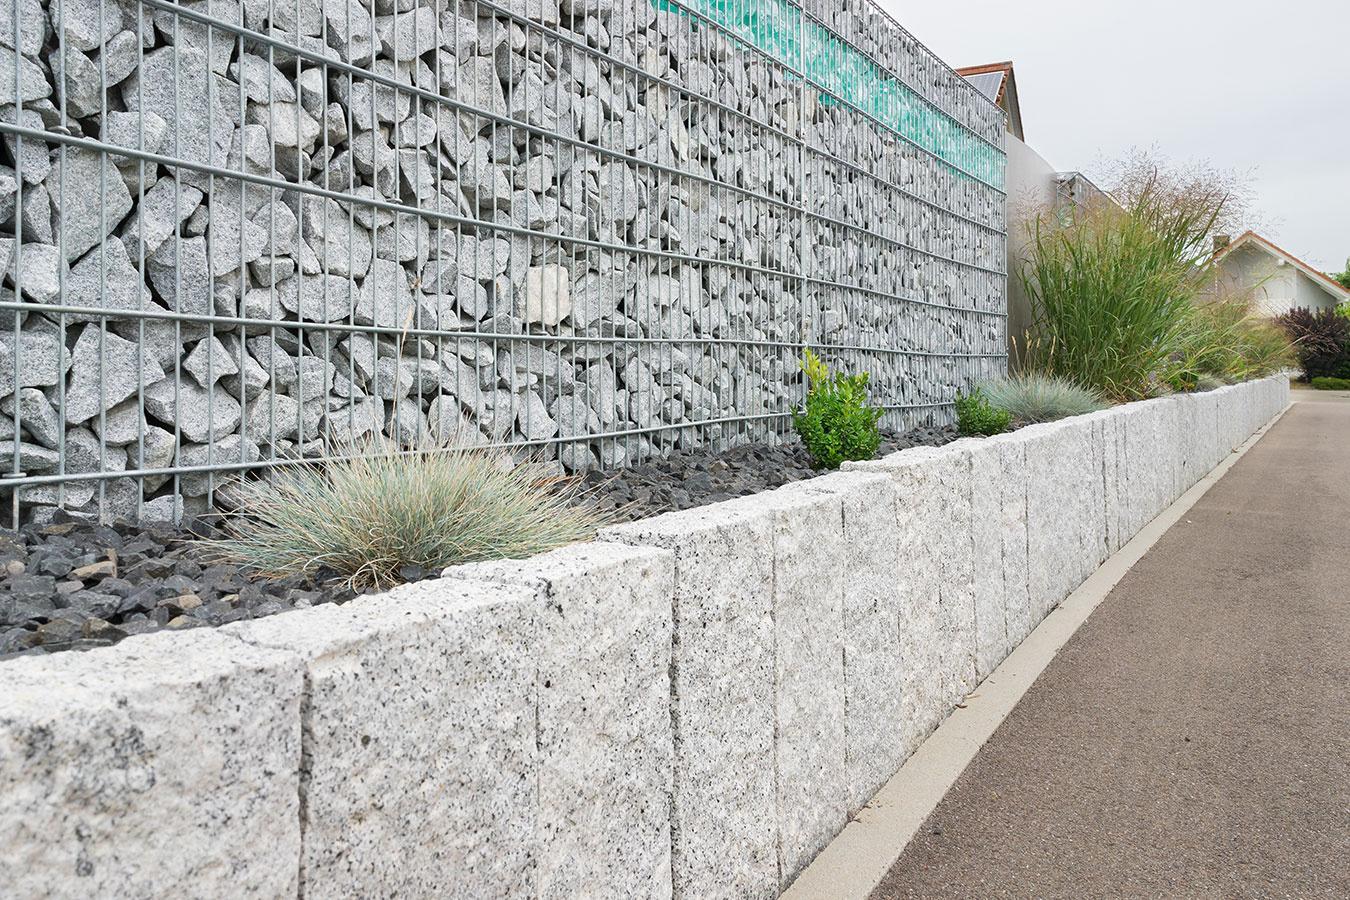 Gabiony, teda drôtené koše plnené kameňom, sú súčasným hitom. Takéto riešenie je vhodné predovšetkým k moderným domom. Vybrať si môžete rôzne široké a vysoké varianty košov, ako aj rôzne druhy a farebnosti výplňového kameňa. Výborne sa kombinujú s rastlinnou výsadbou.